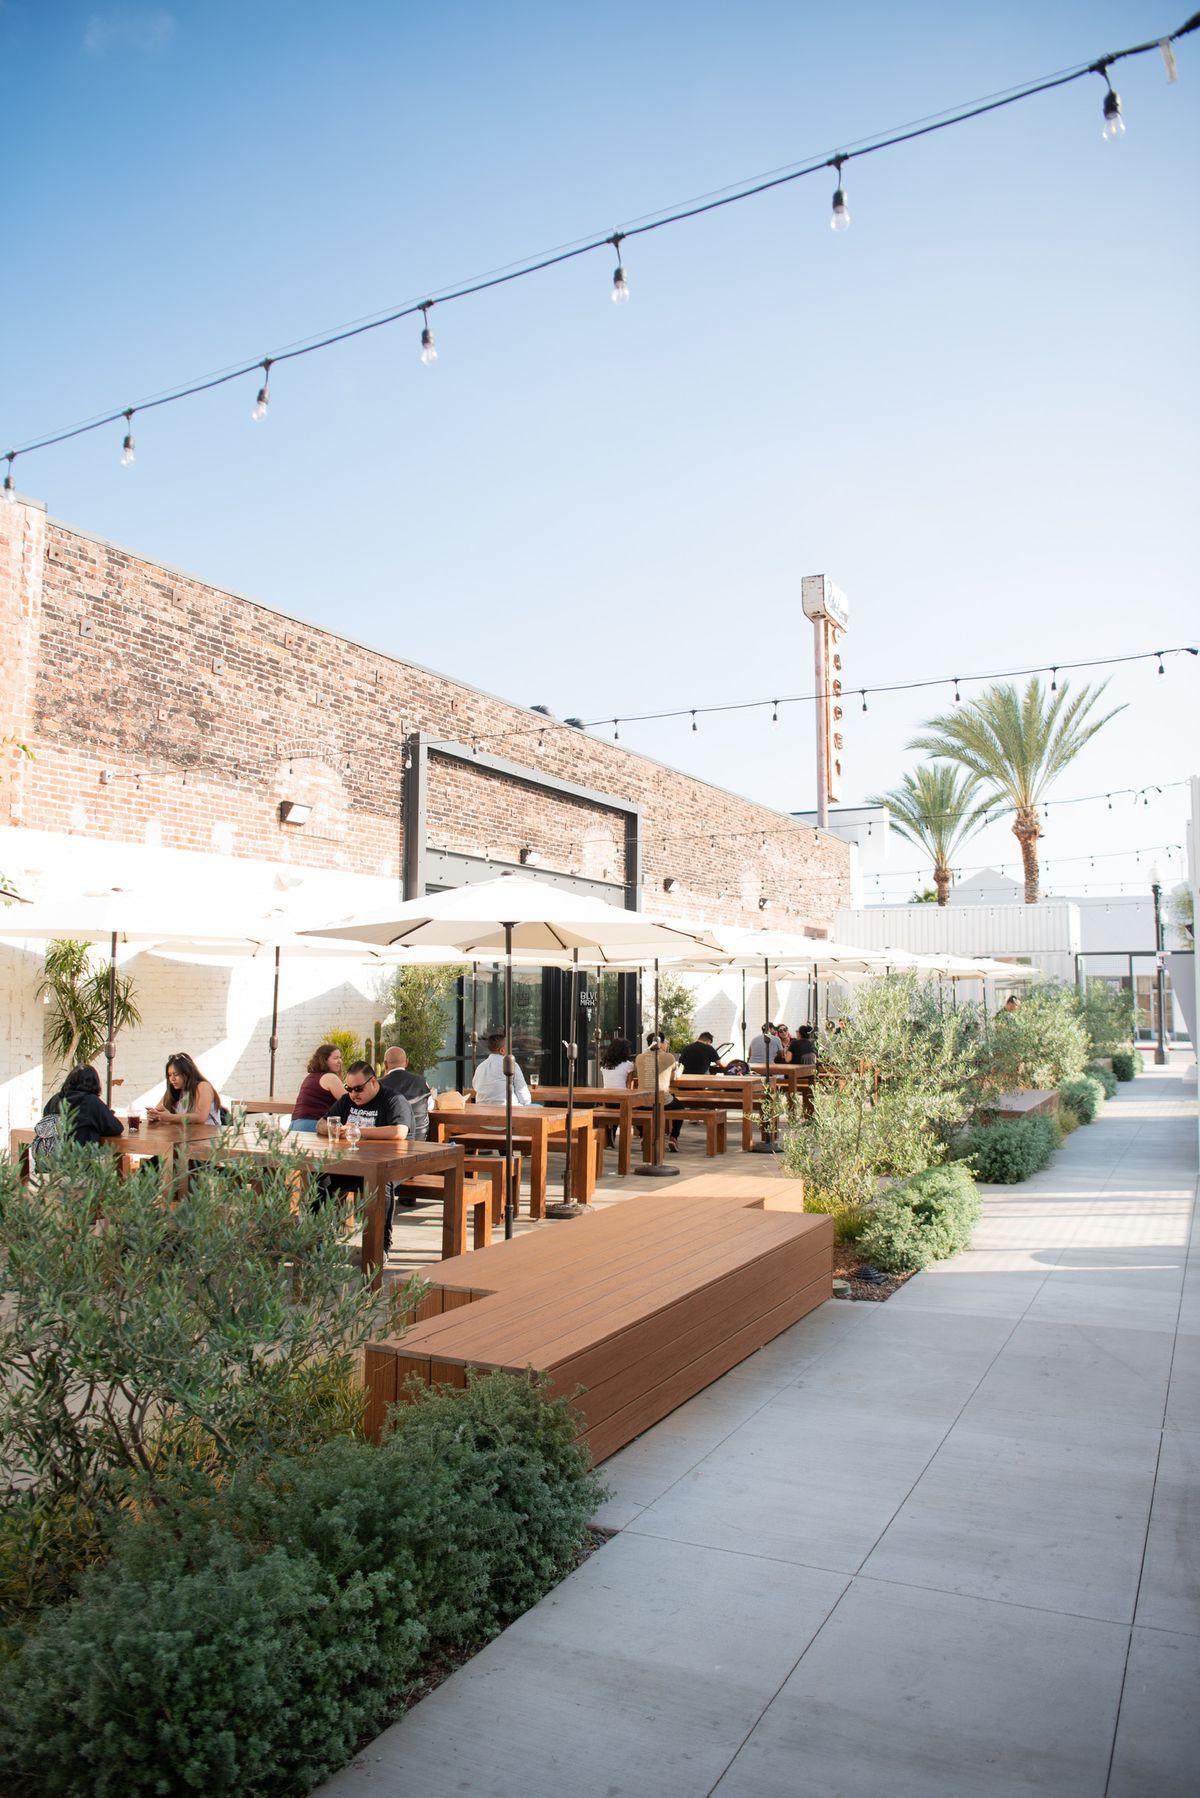 Courtyard at BLVD MRKT in Montebello, California